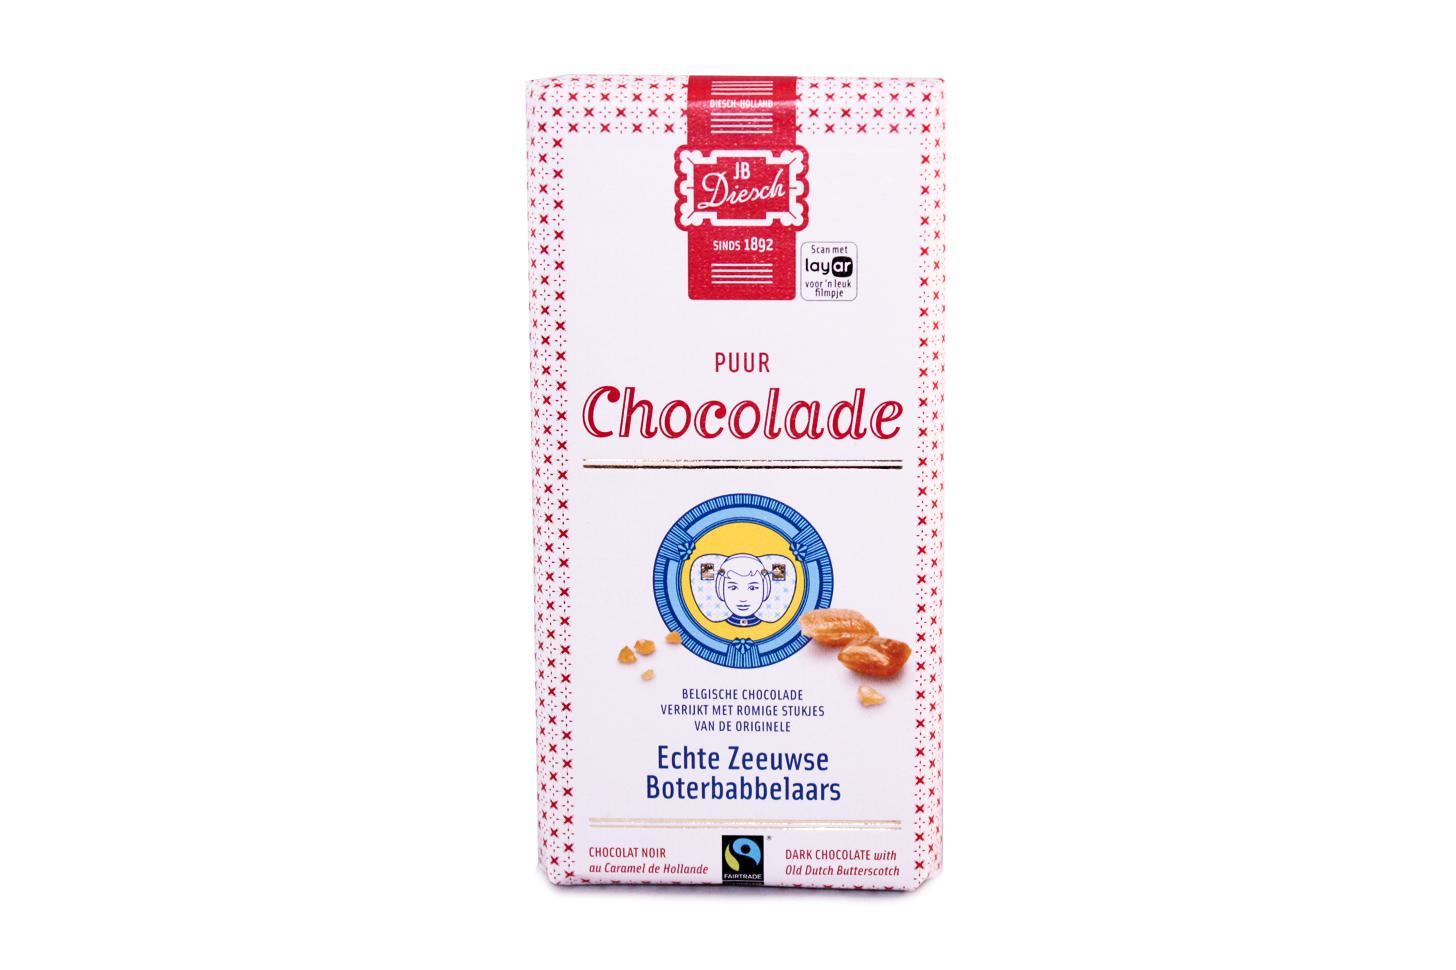 Pure chocolade met babbelaar